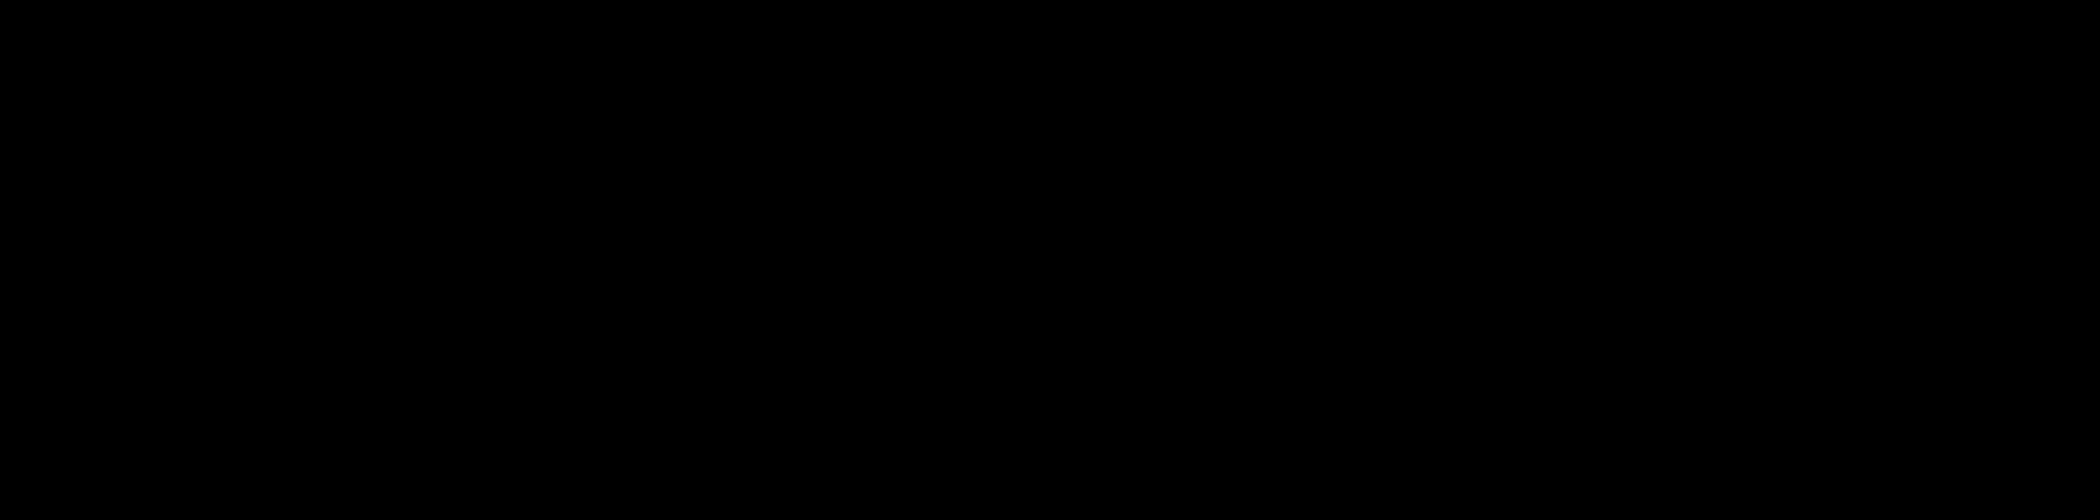 Chat Module